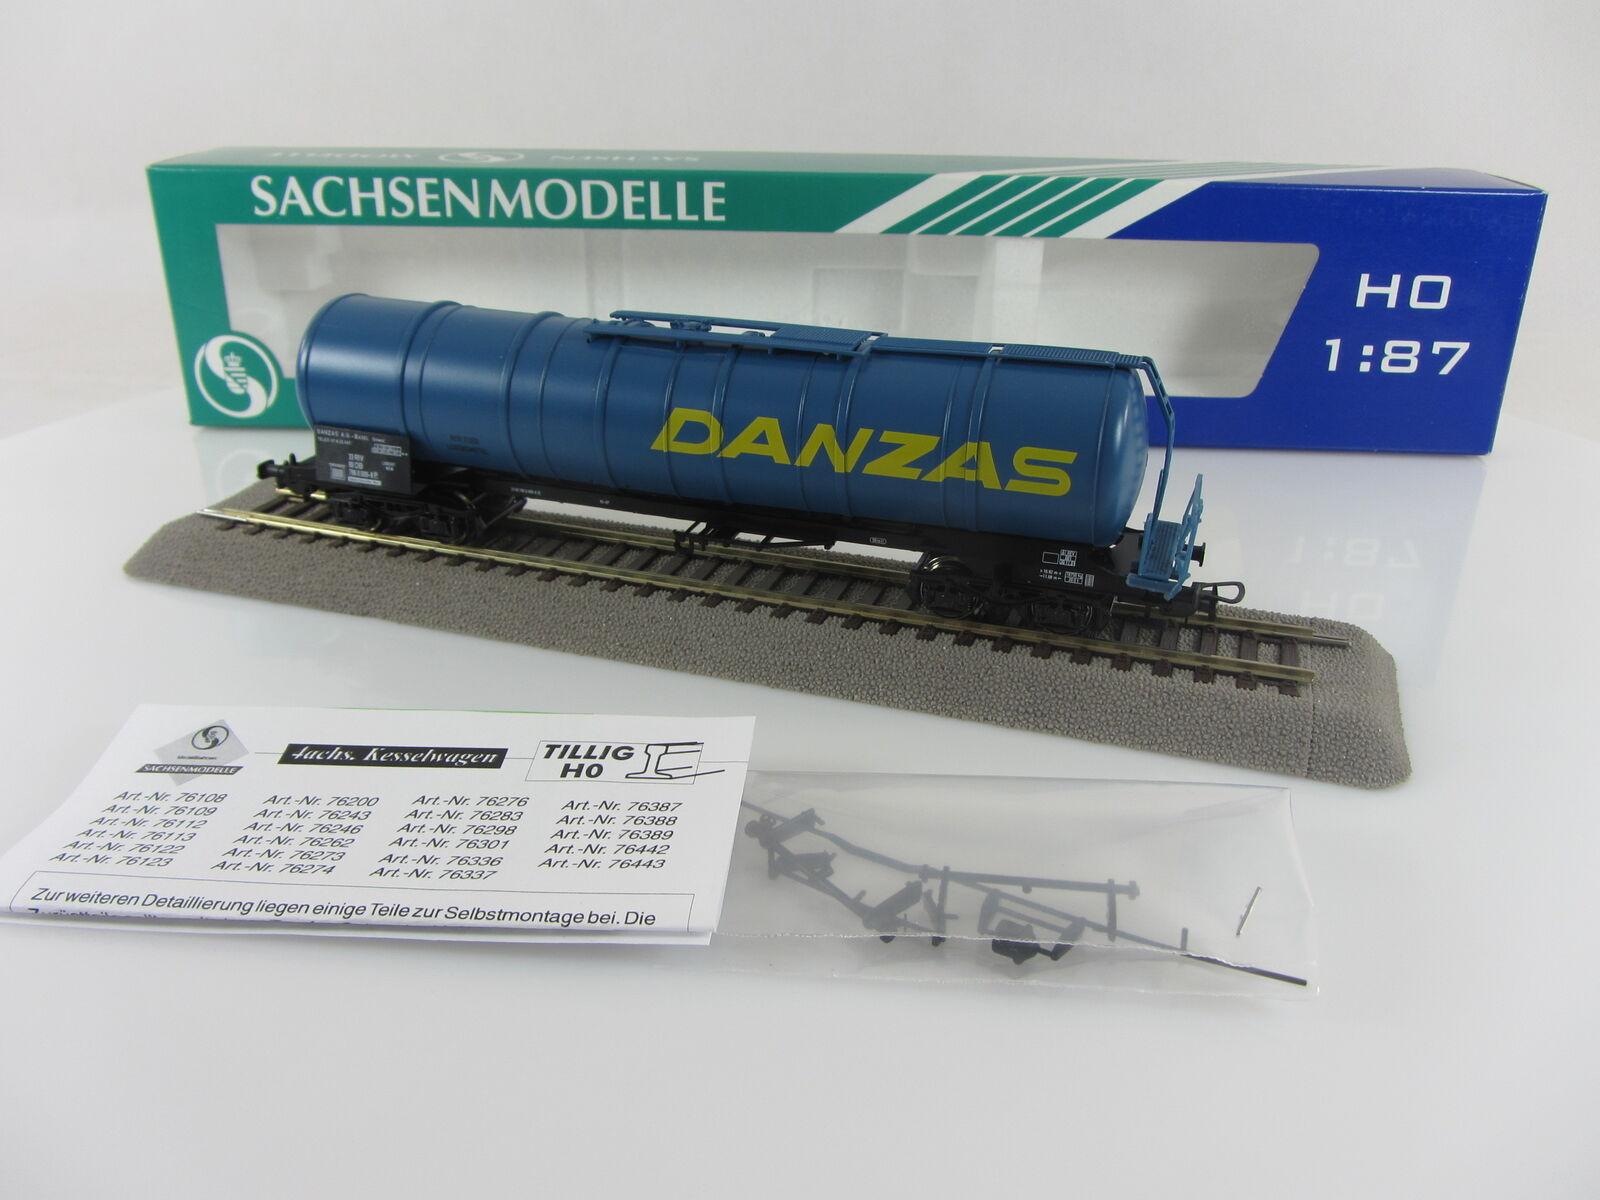 Sachsenmodelle 76442 Kesselwagen DANZAS der DB, sehr guter guter guter Zustand mit OVP    Ausgezeichnete Leistung  63b689